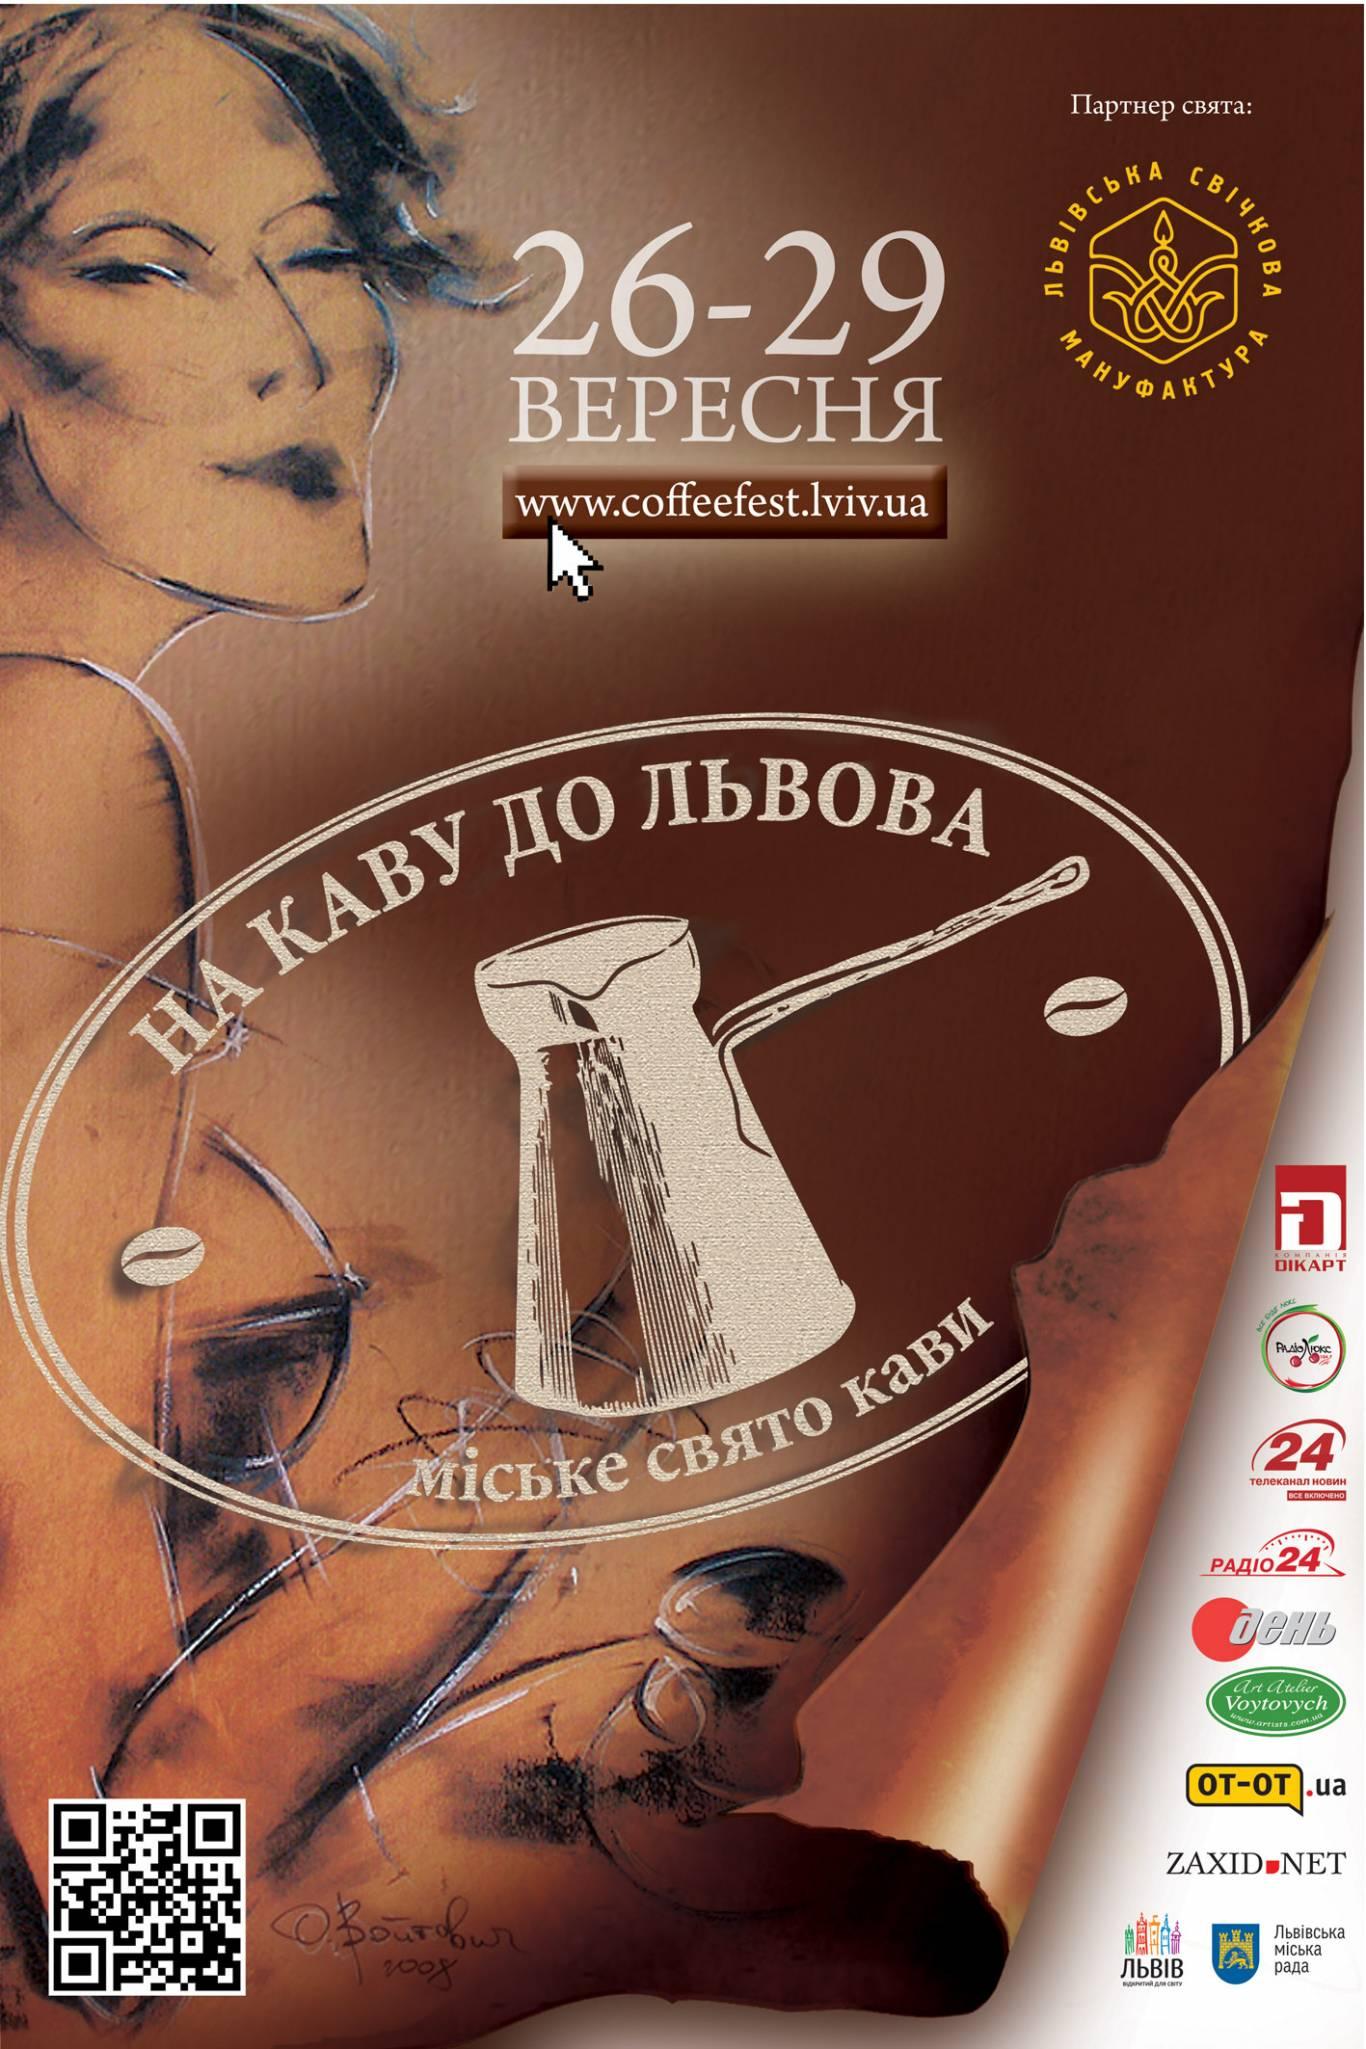 Праздник кофе во Львове